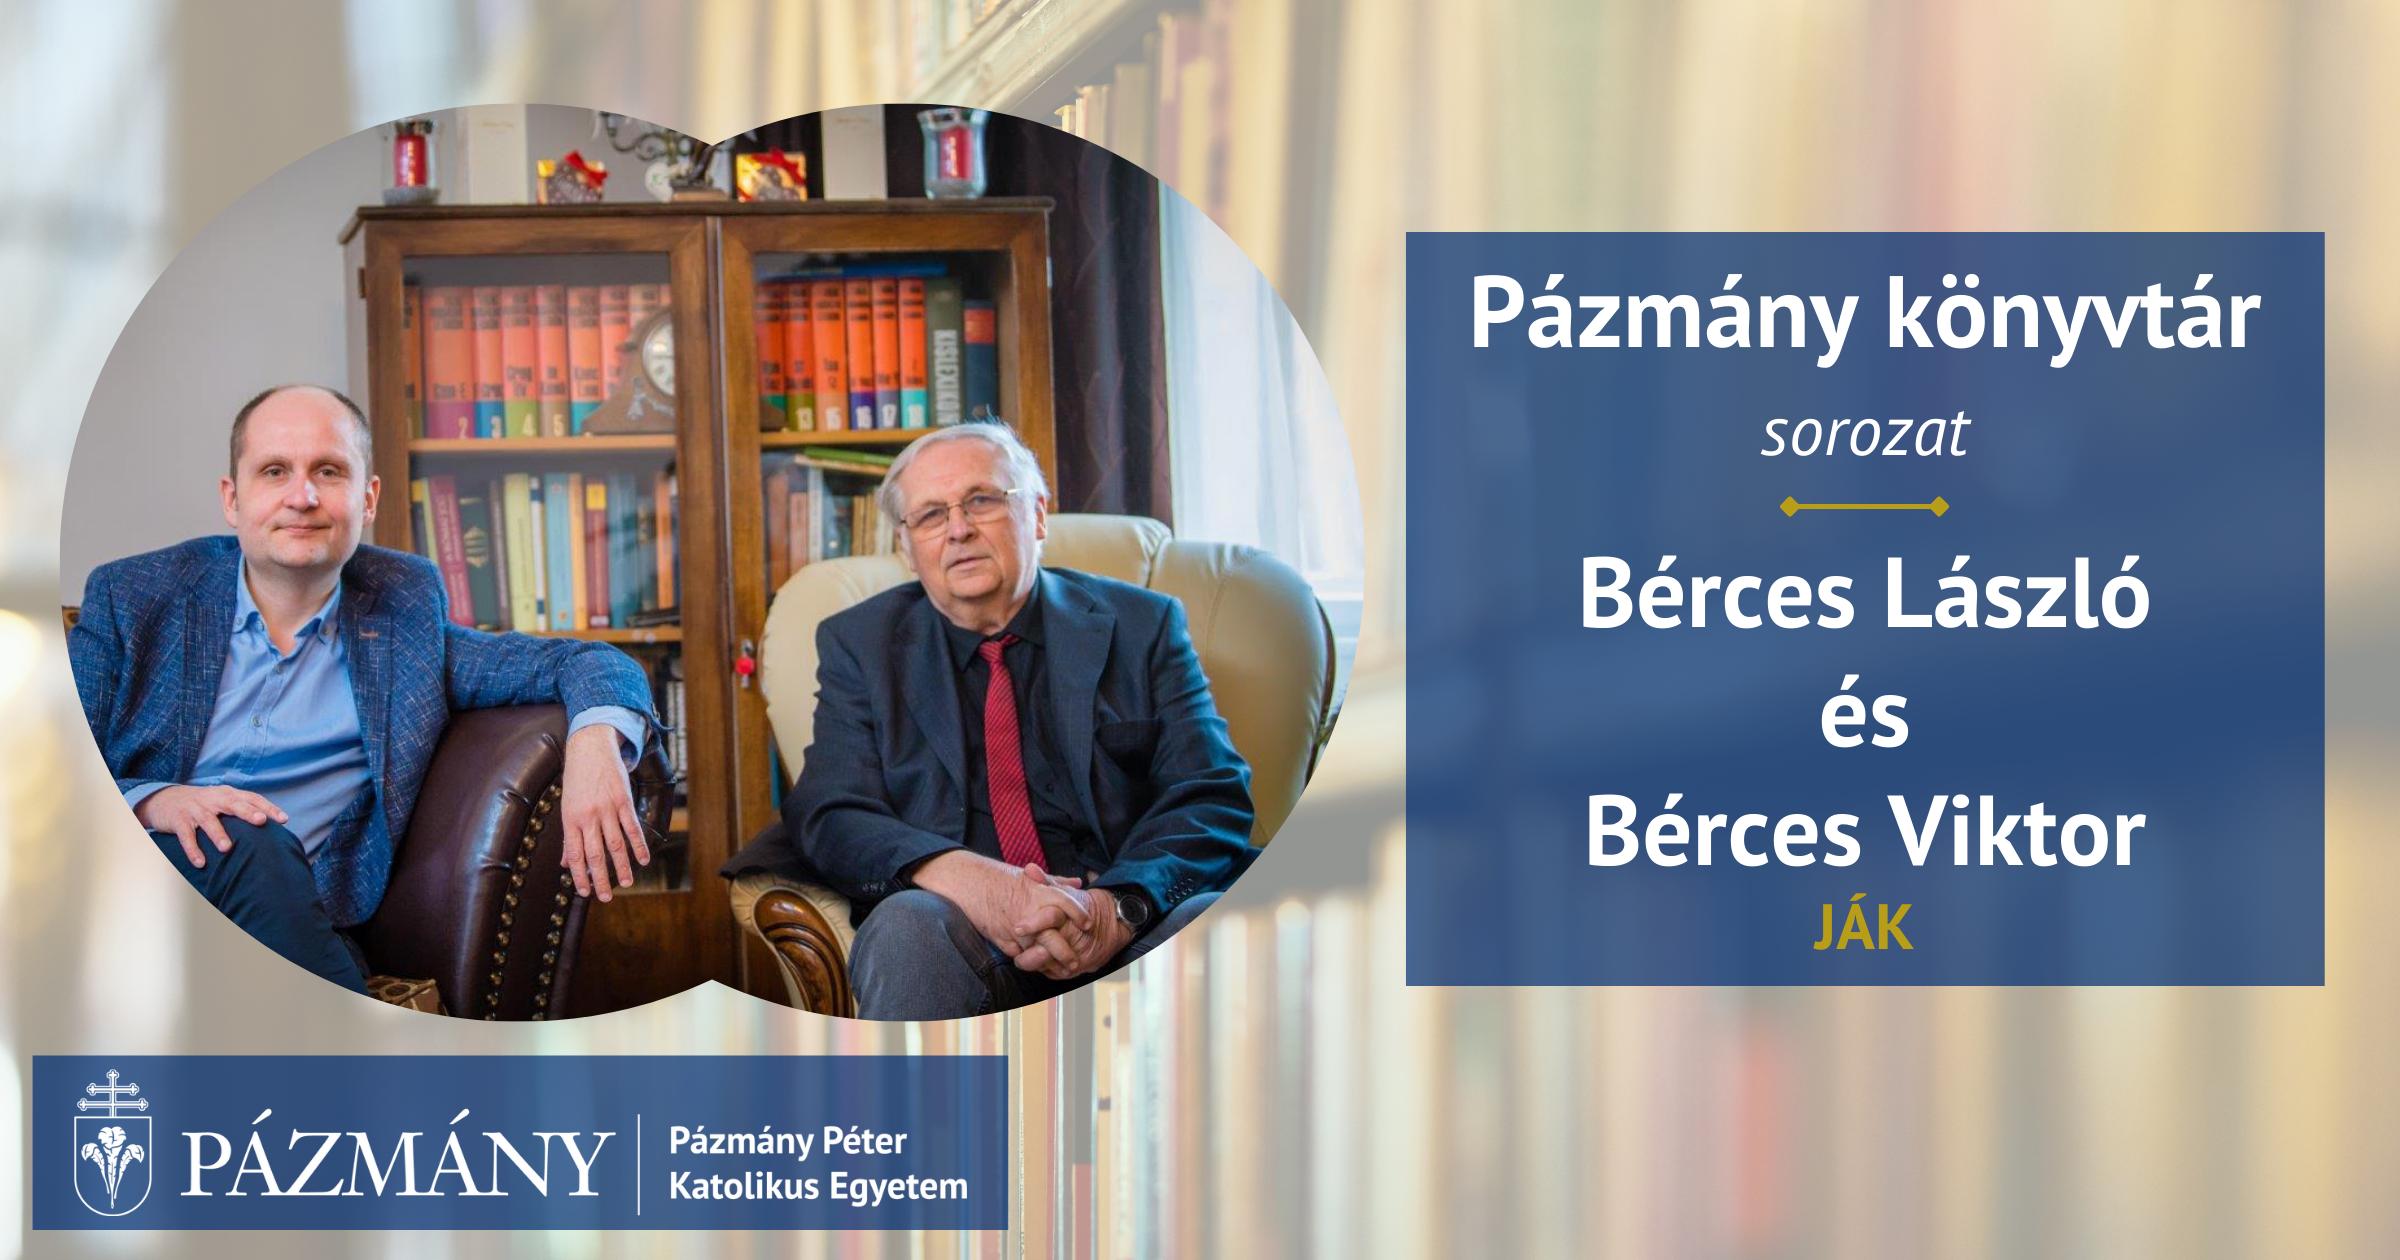 Pázmány könyvtár: interjú Bérces Lászlóval és Viktorral